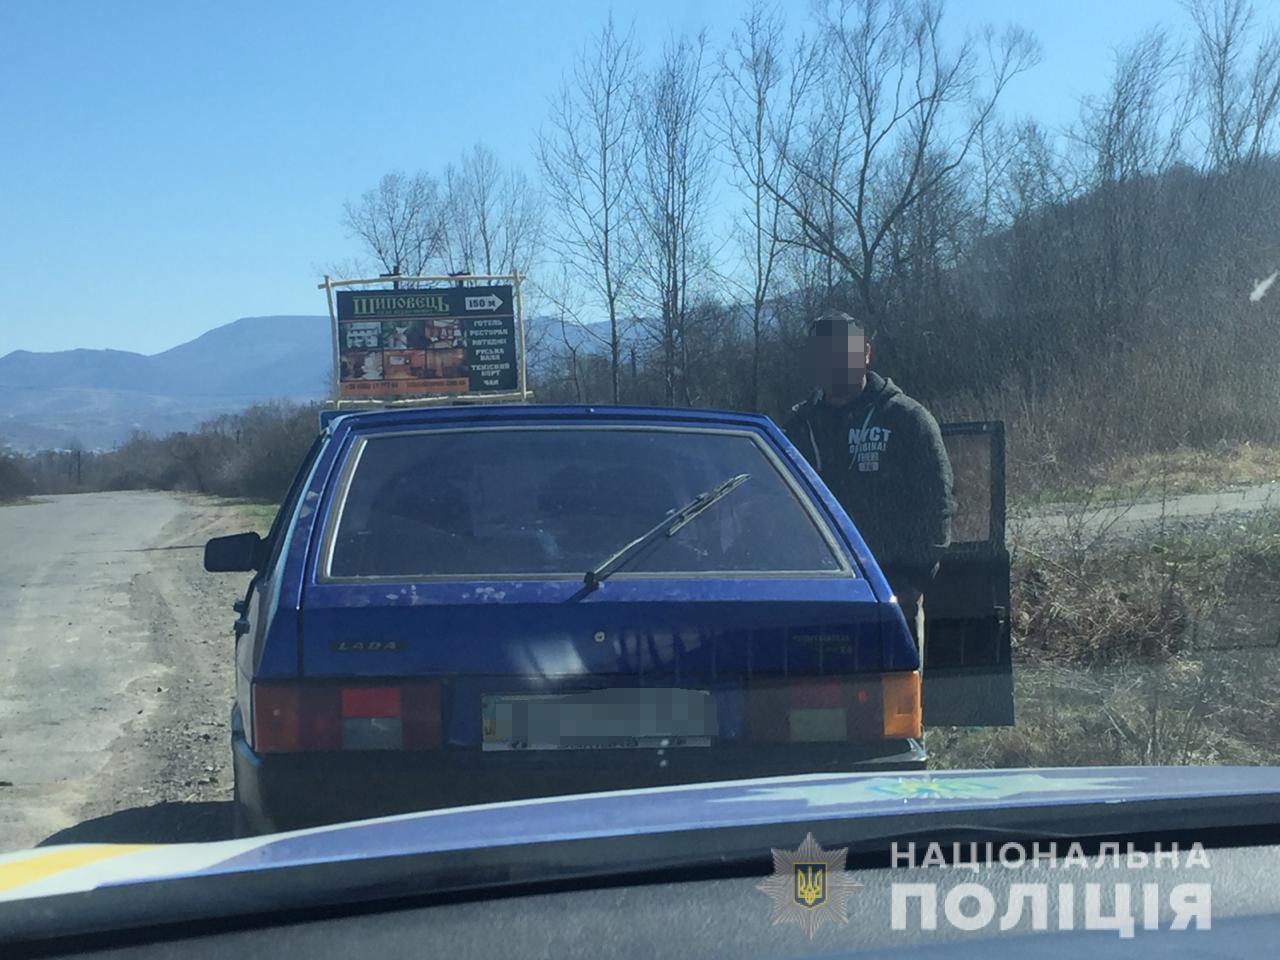 Сьогодні, 24 березня, під час несення служби працівники Перечинського відділення поліції зупинили автомобіль ВАЗ 21099, за порушення водієм правил дорожнього руху.